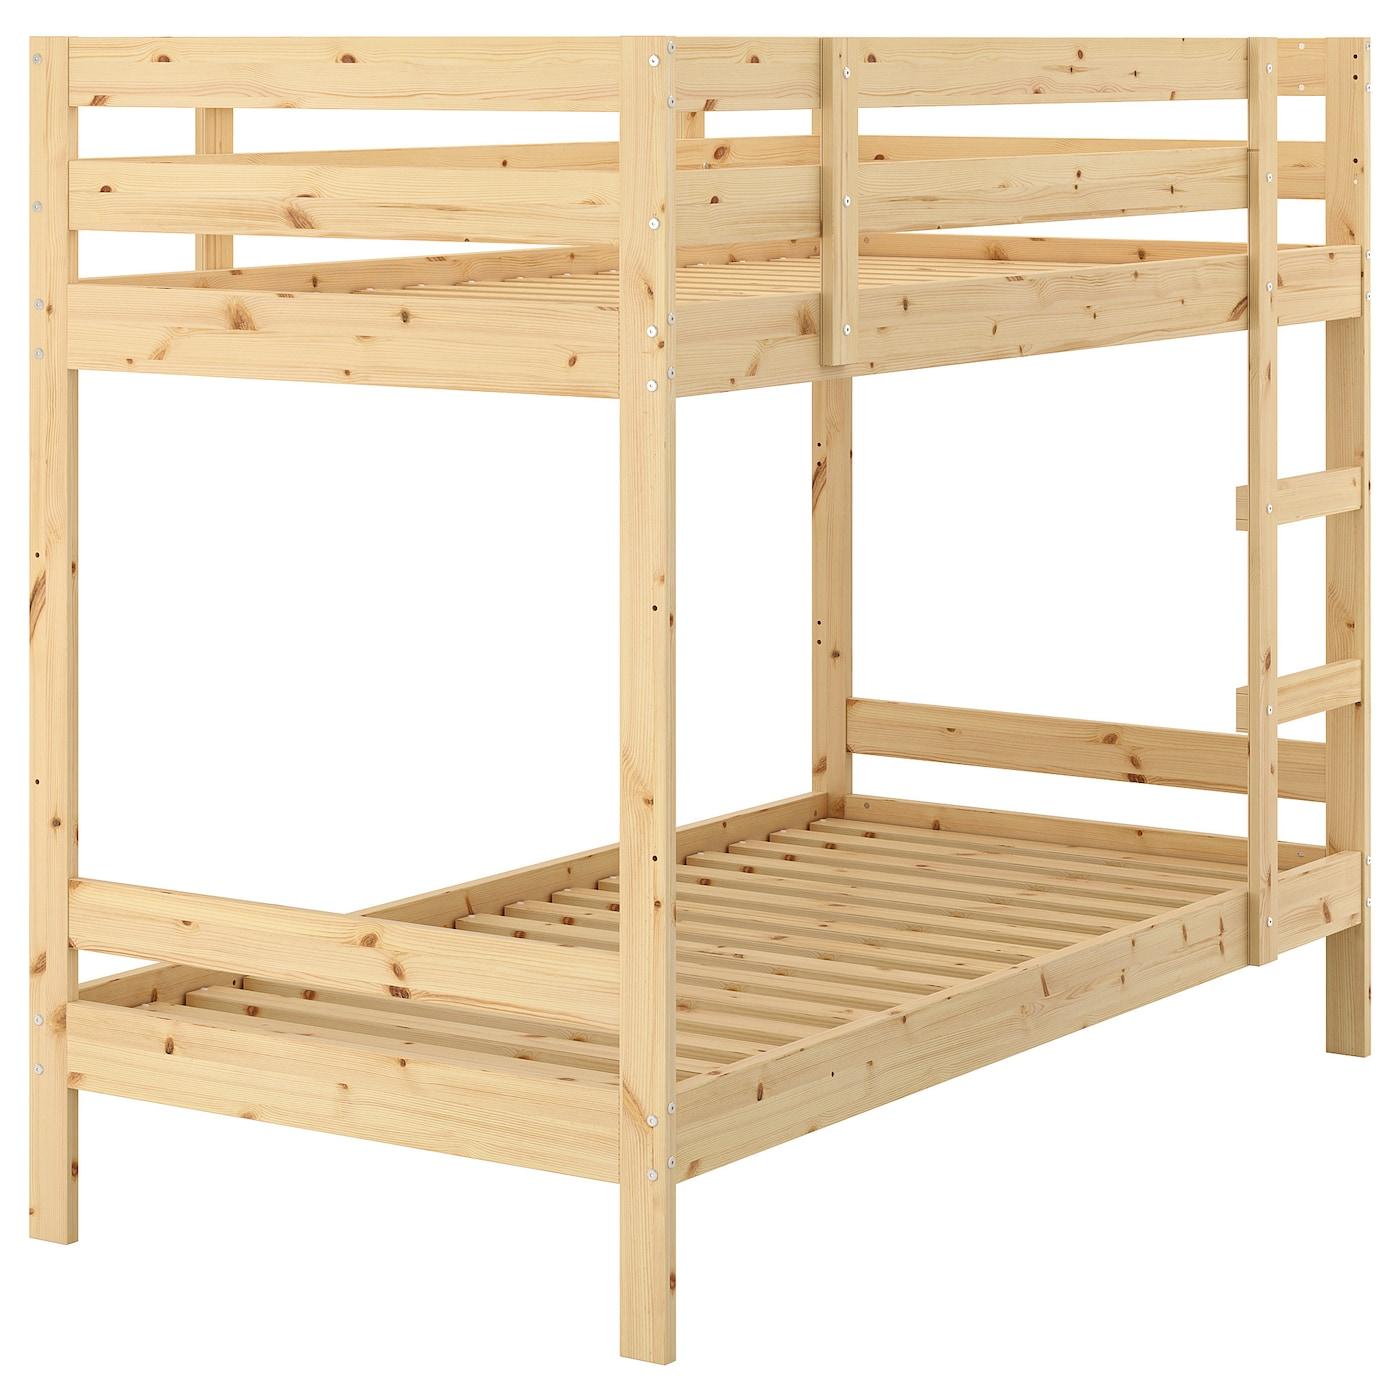 MYDAL Bunk bed frame Pine 90 x 200 cm - IKEA